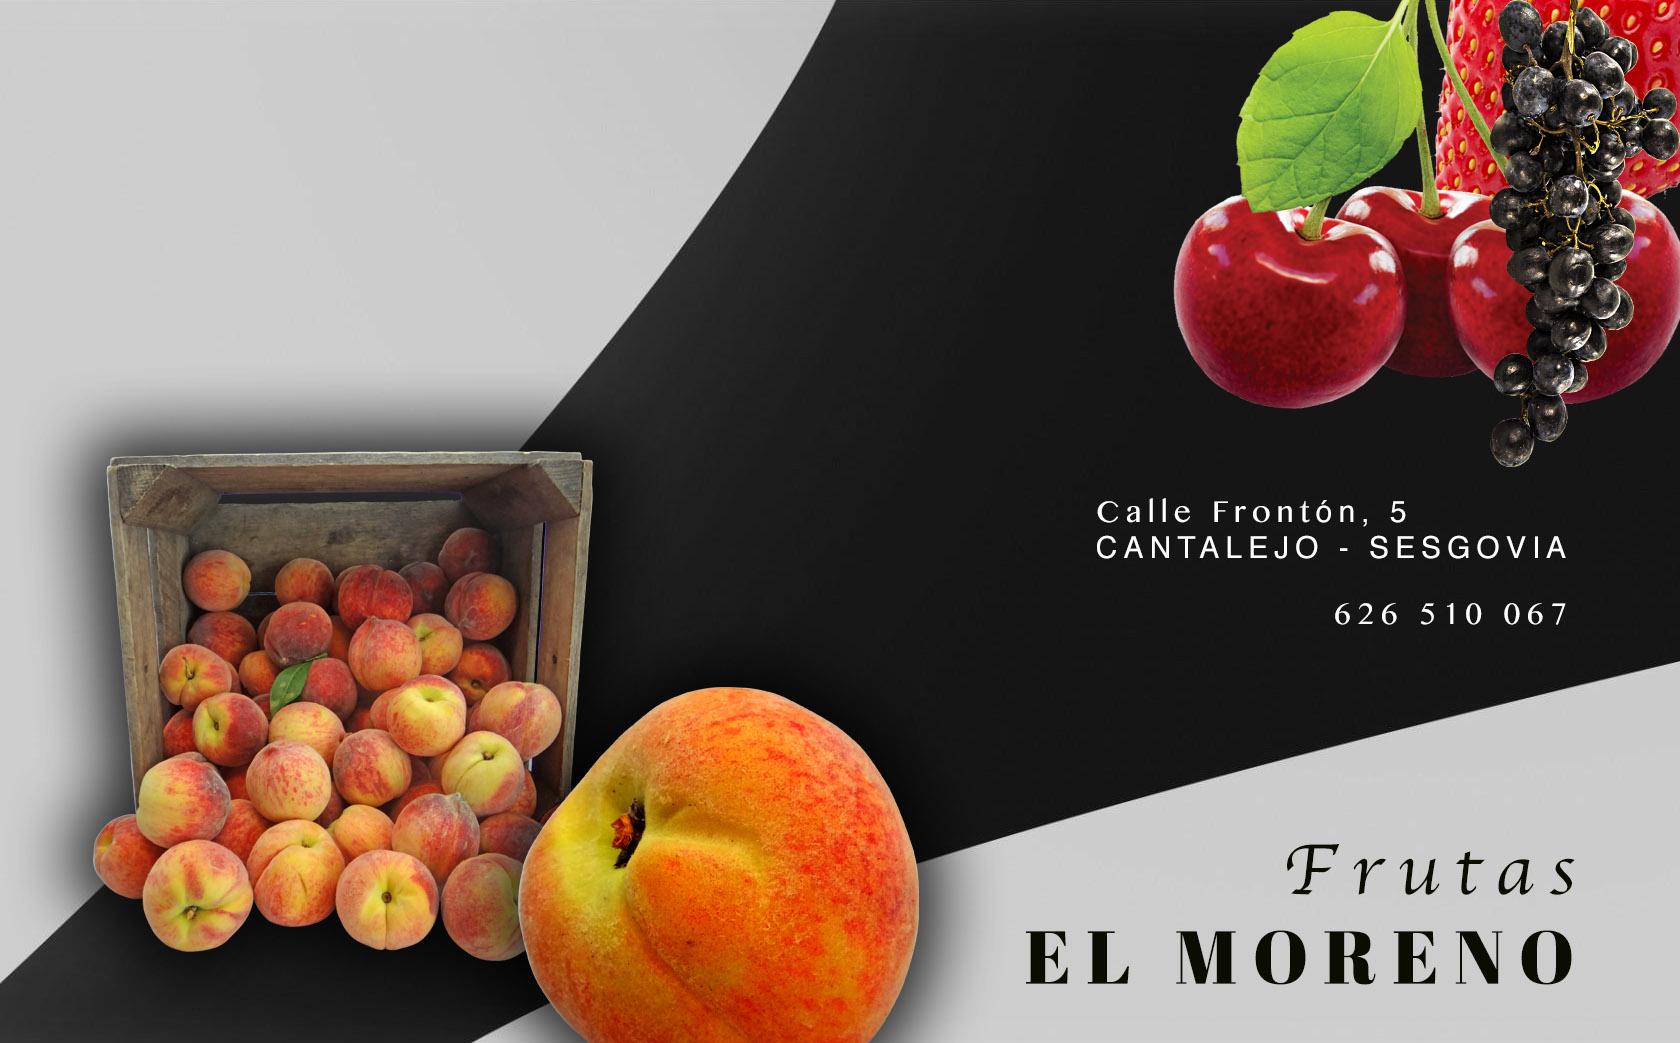 Frutas-El-Moreno-1b